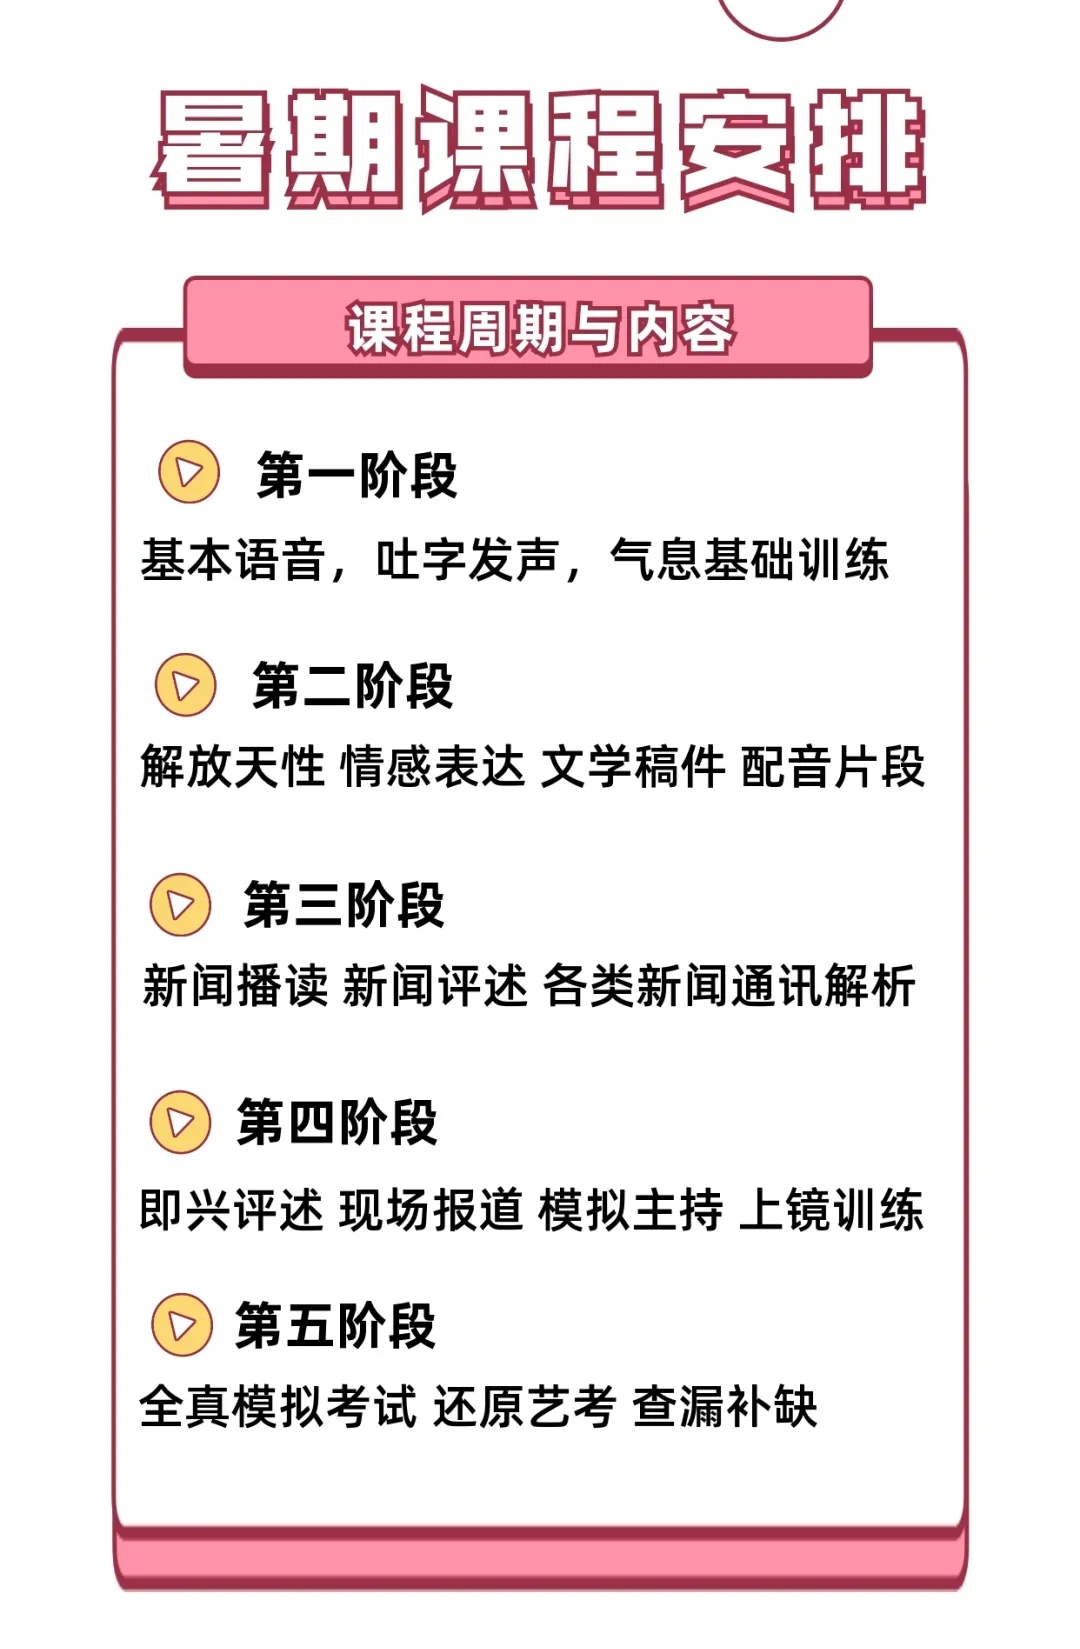 播音/编导/表演暑假三期课程安排